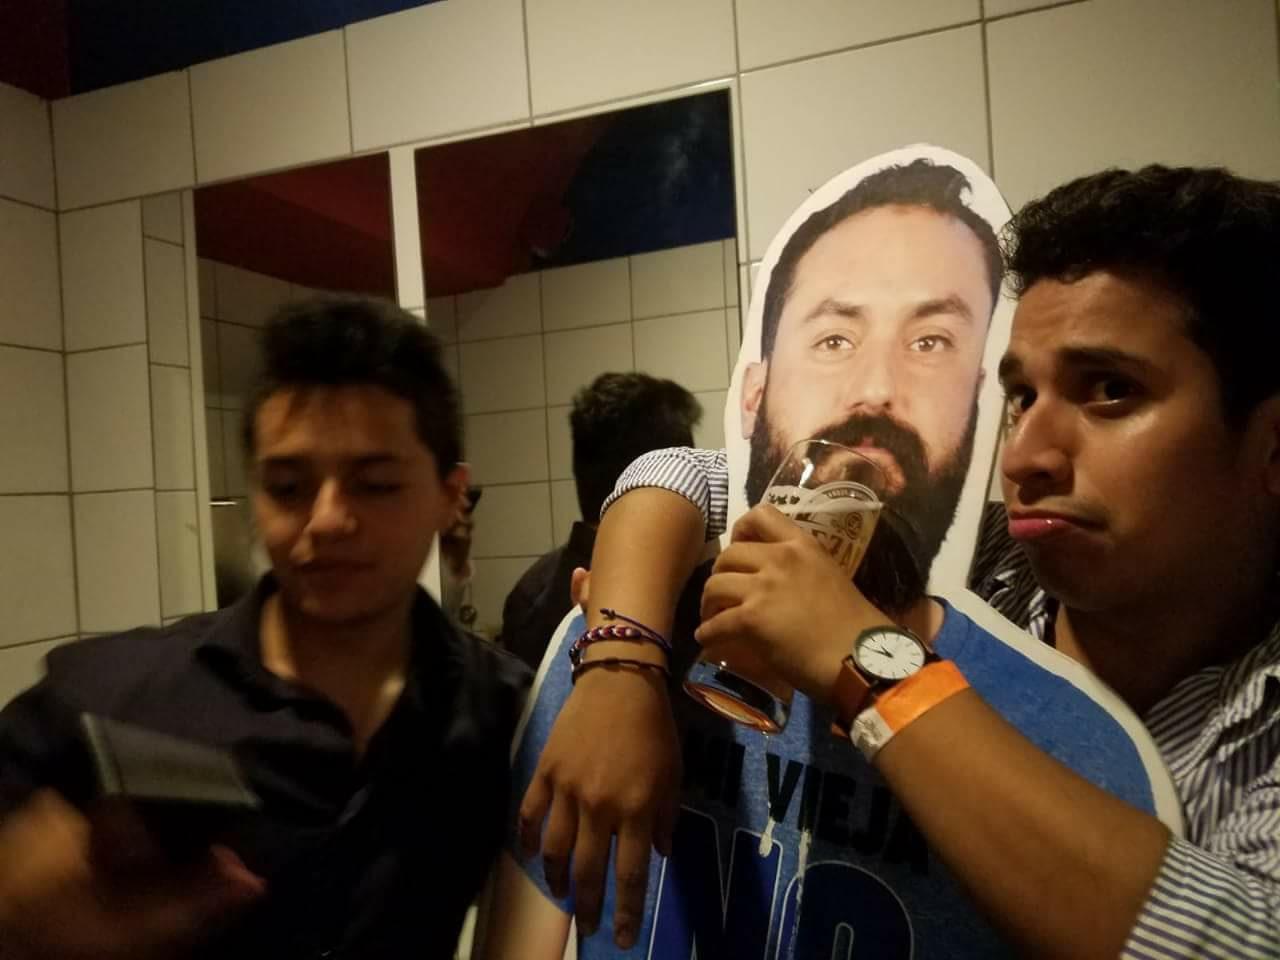 Mexicaan mag van vrouw niet naar WK vriendengroep verzint iets briljants 10